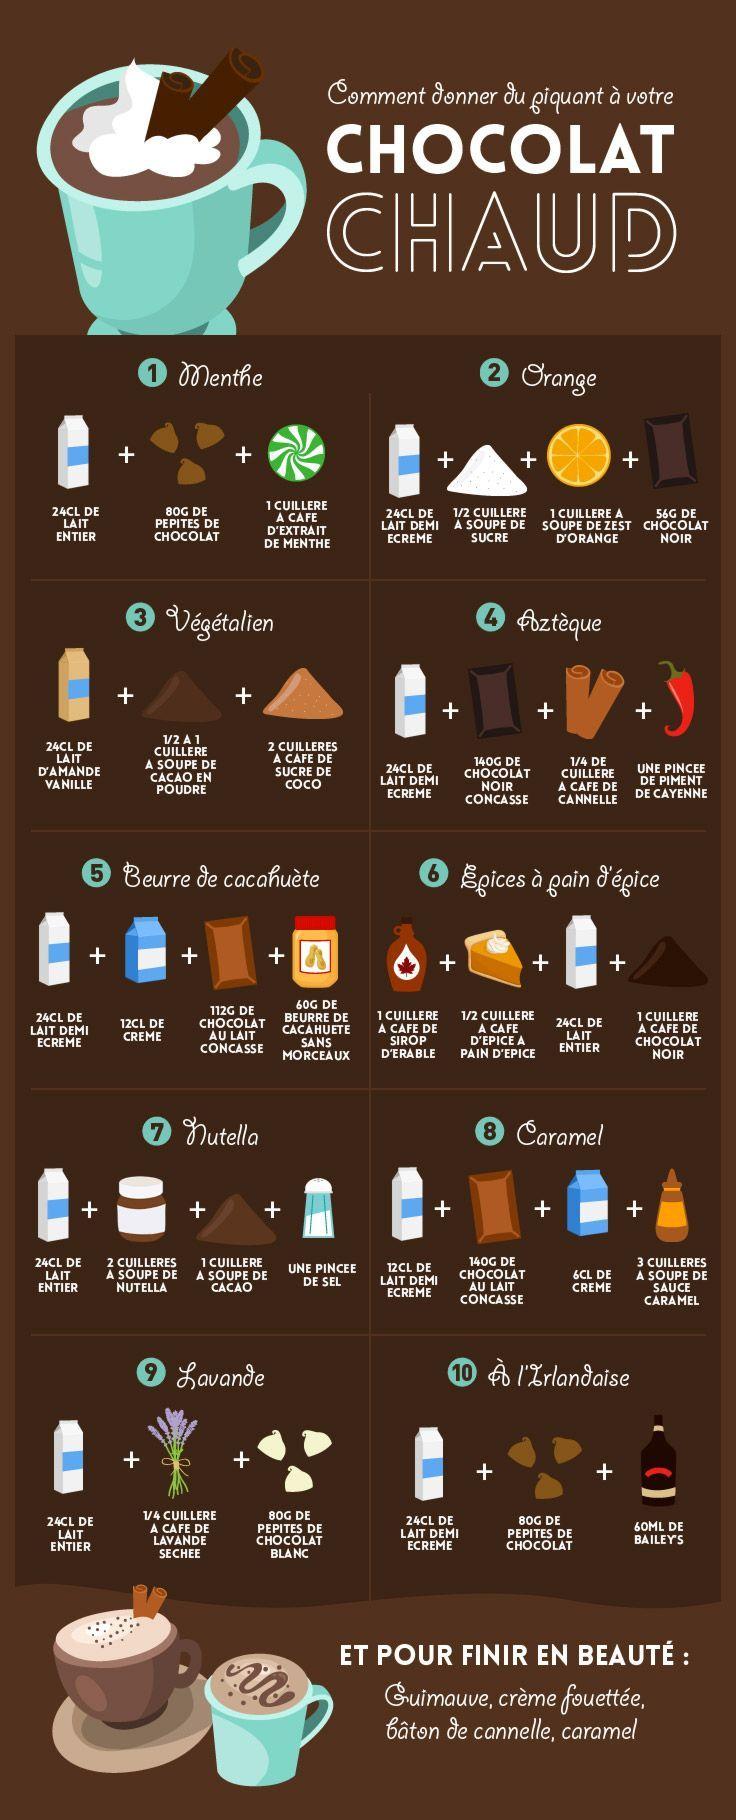 Comment créer le chocolat chaud le plus réconfortant du monde ? - Confidentielles: